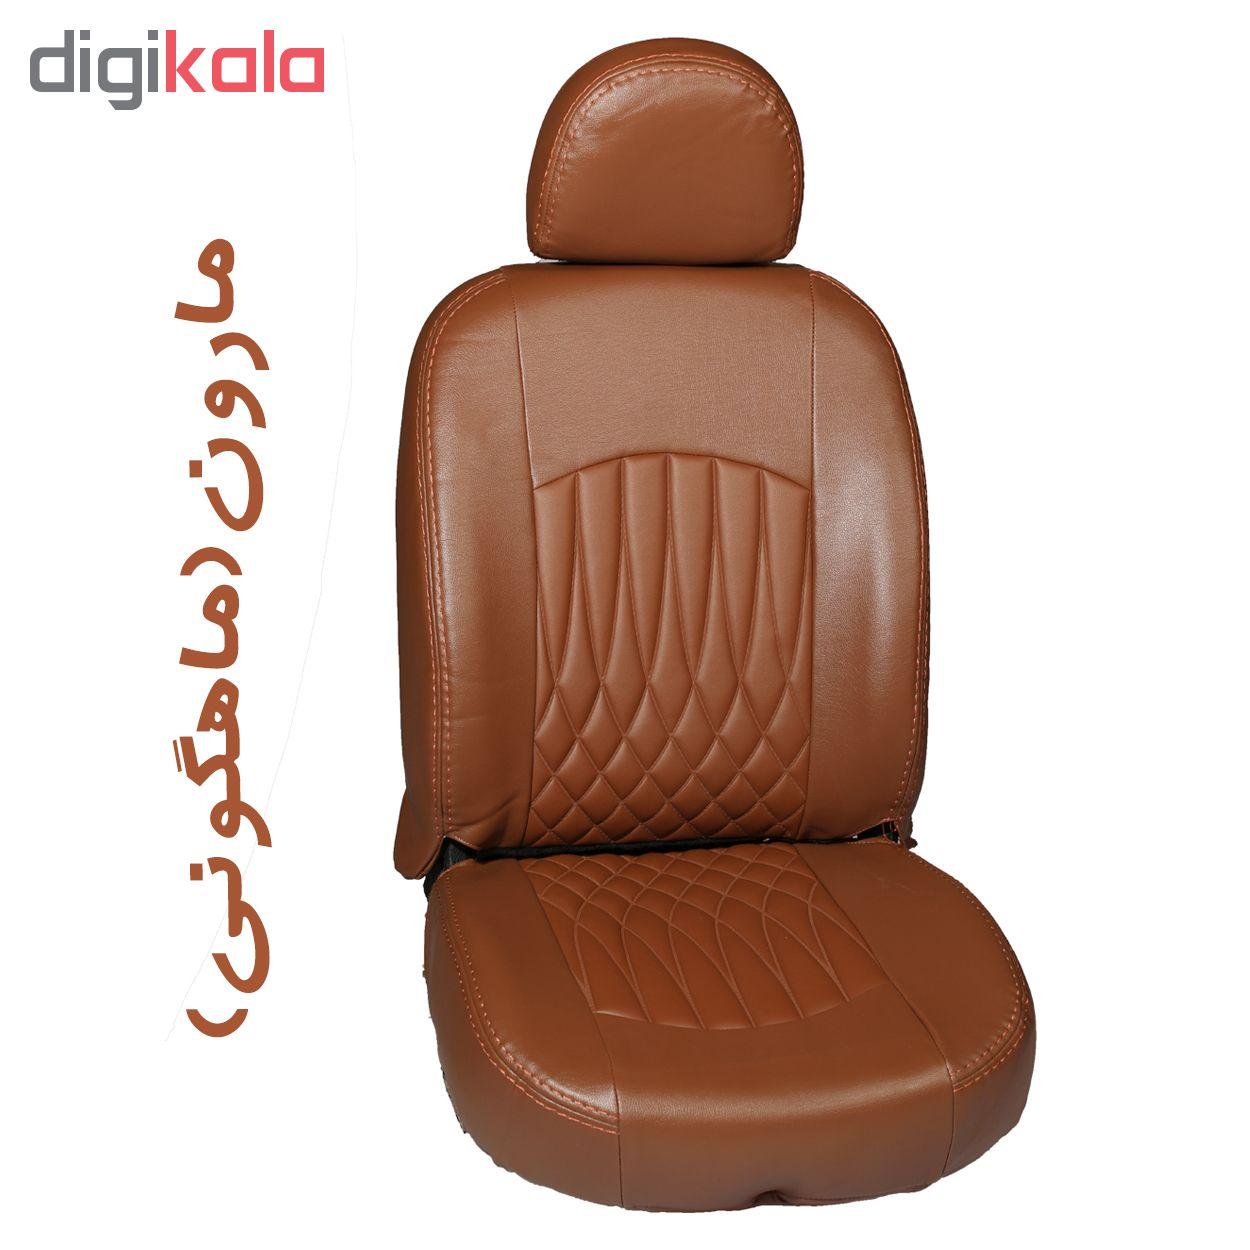 روکش صندلی خودرو جلوه مدل bg13 مناسب برای پژو 206